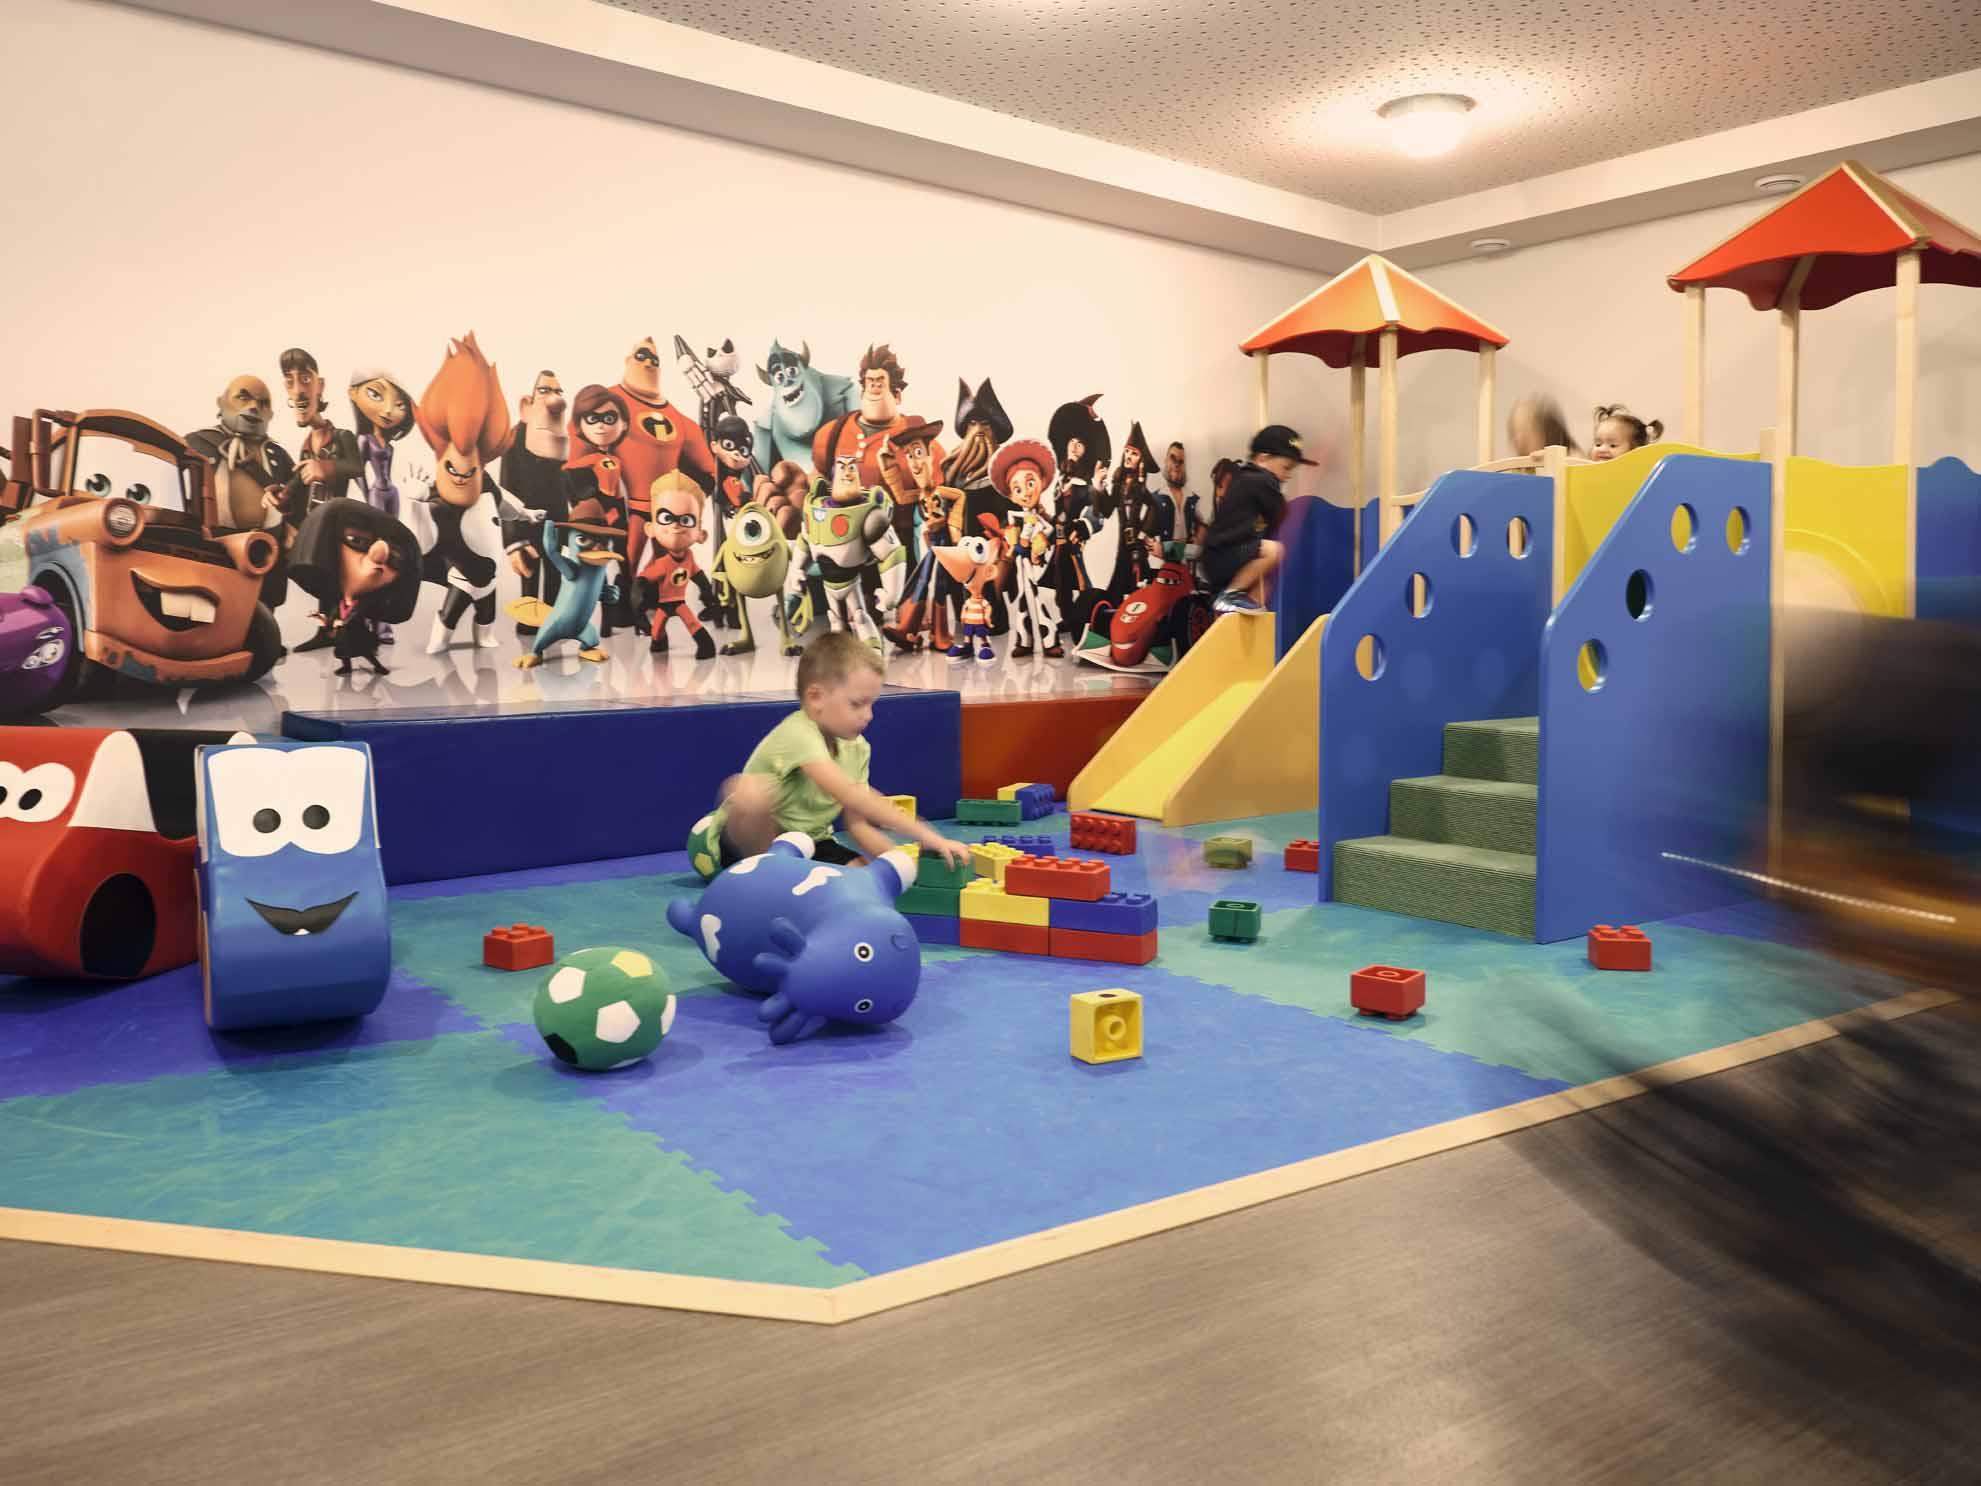 Kinder spielen in der Familien-Spielewelt